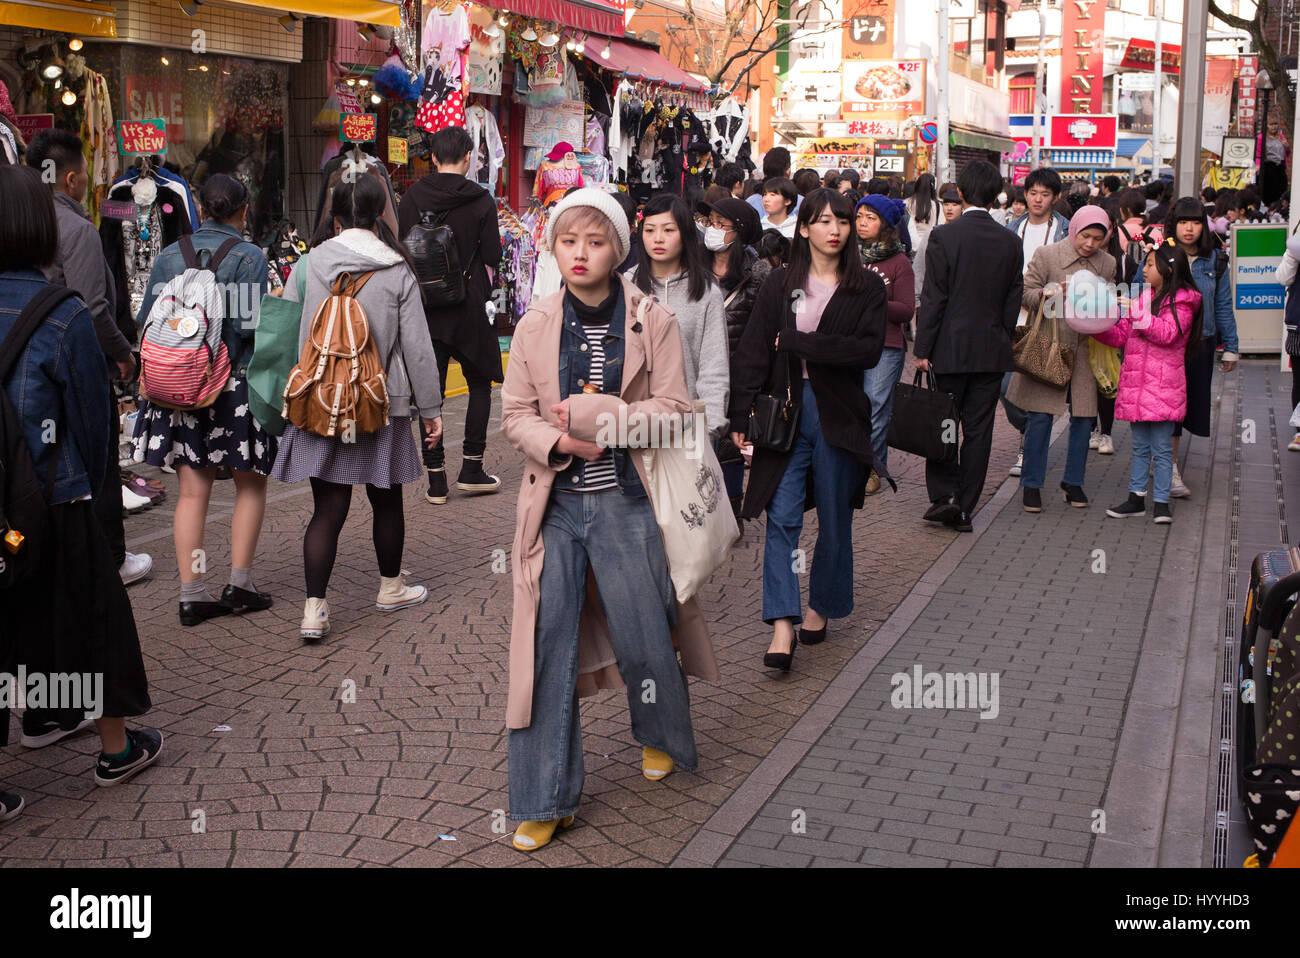 Takeshita Street en Harajuku, Tokio es una zona popular para la moda y la cultura juvenil Imagen De Stock